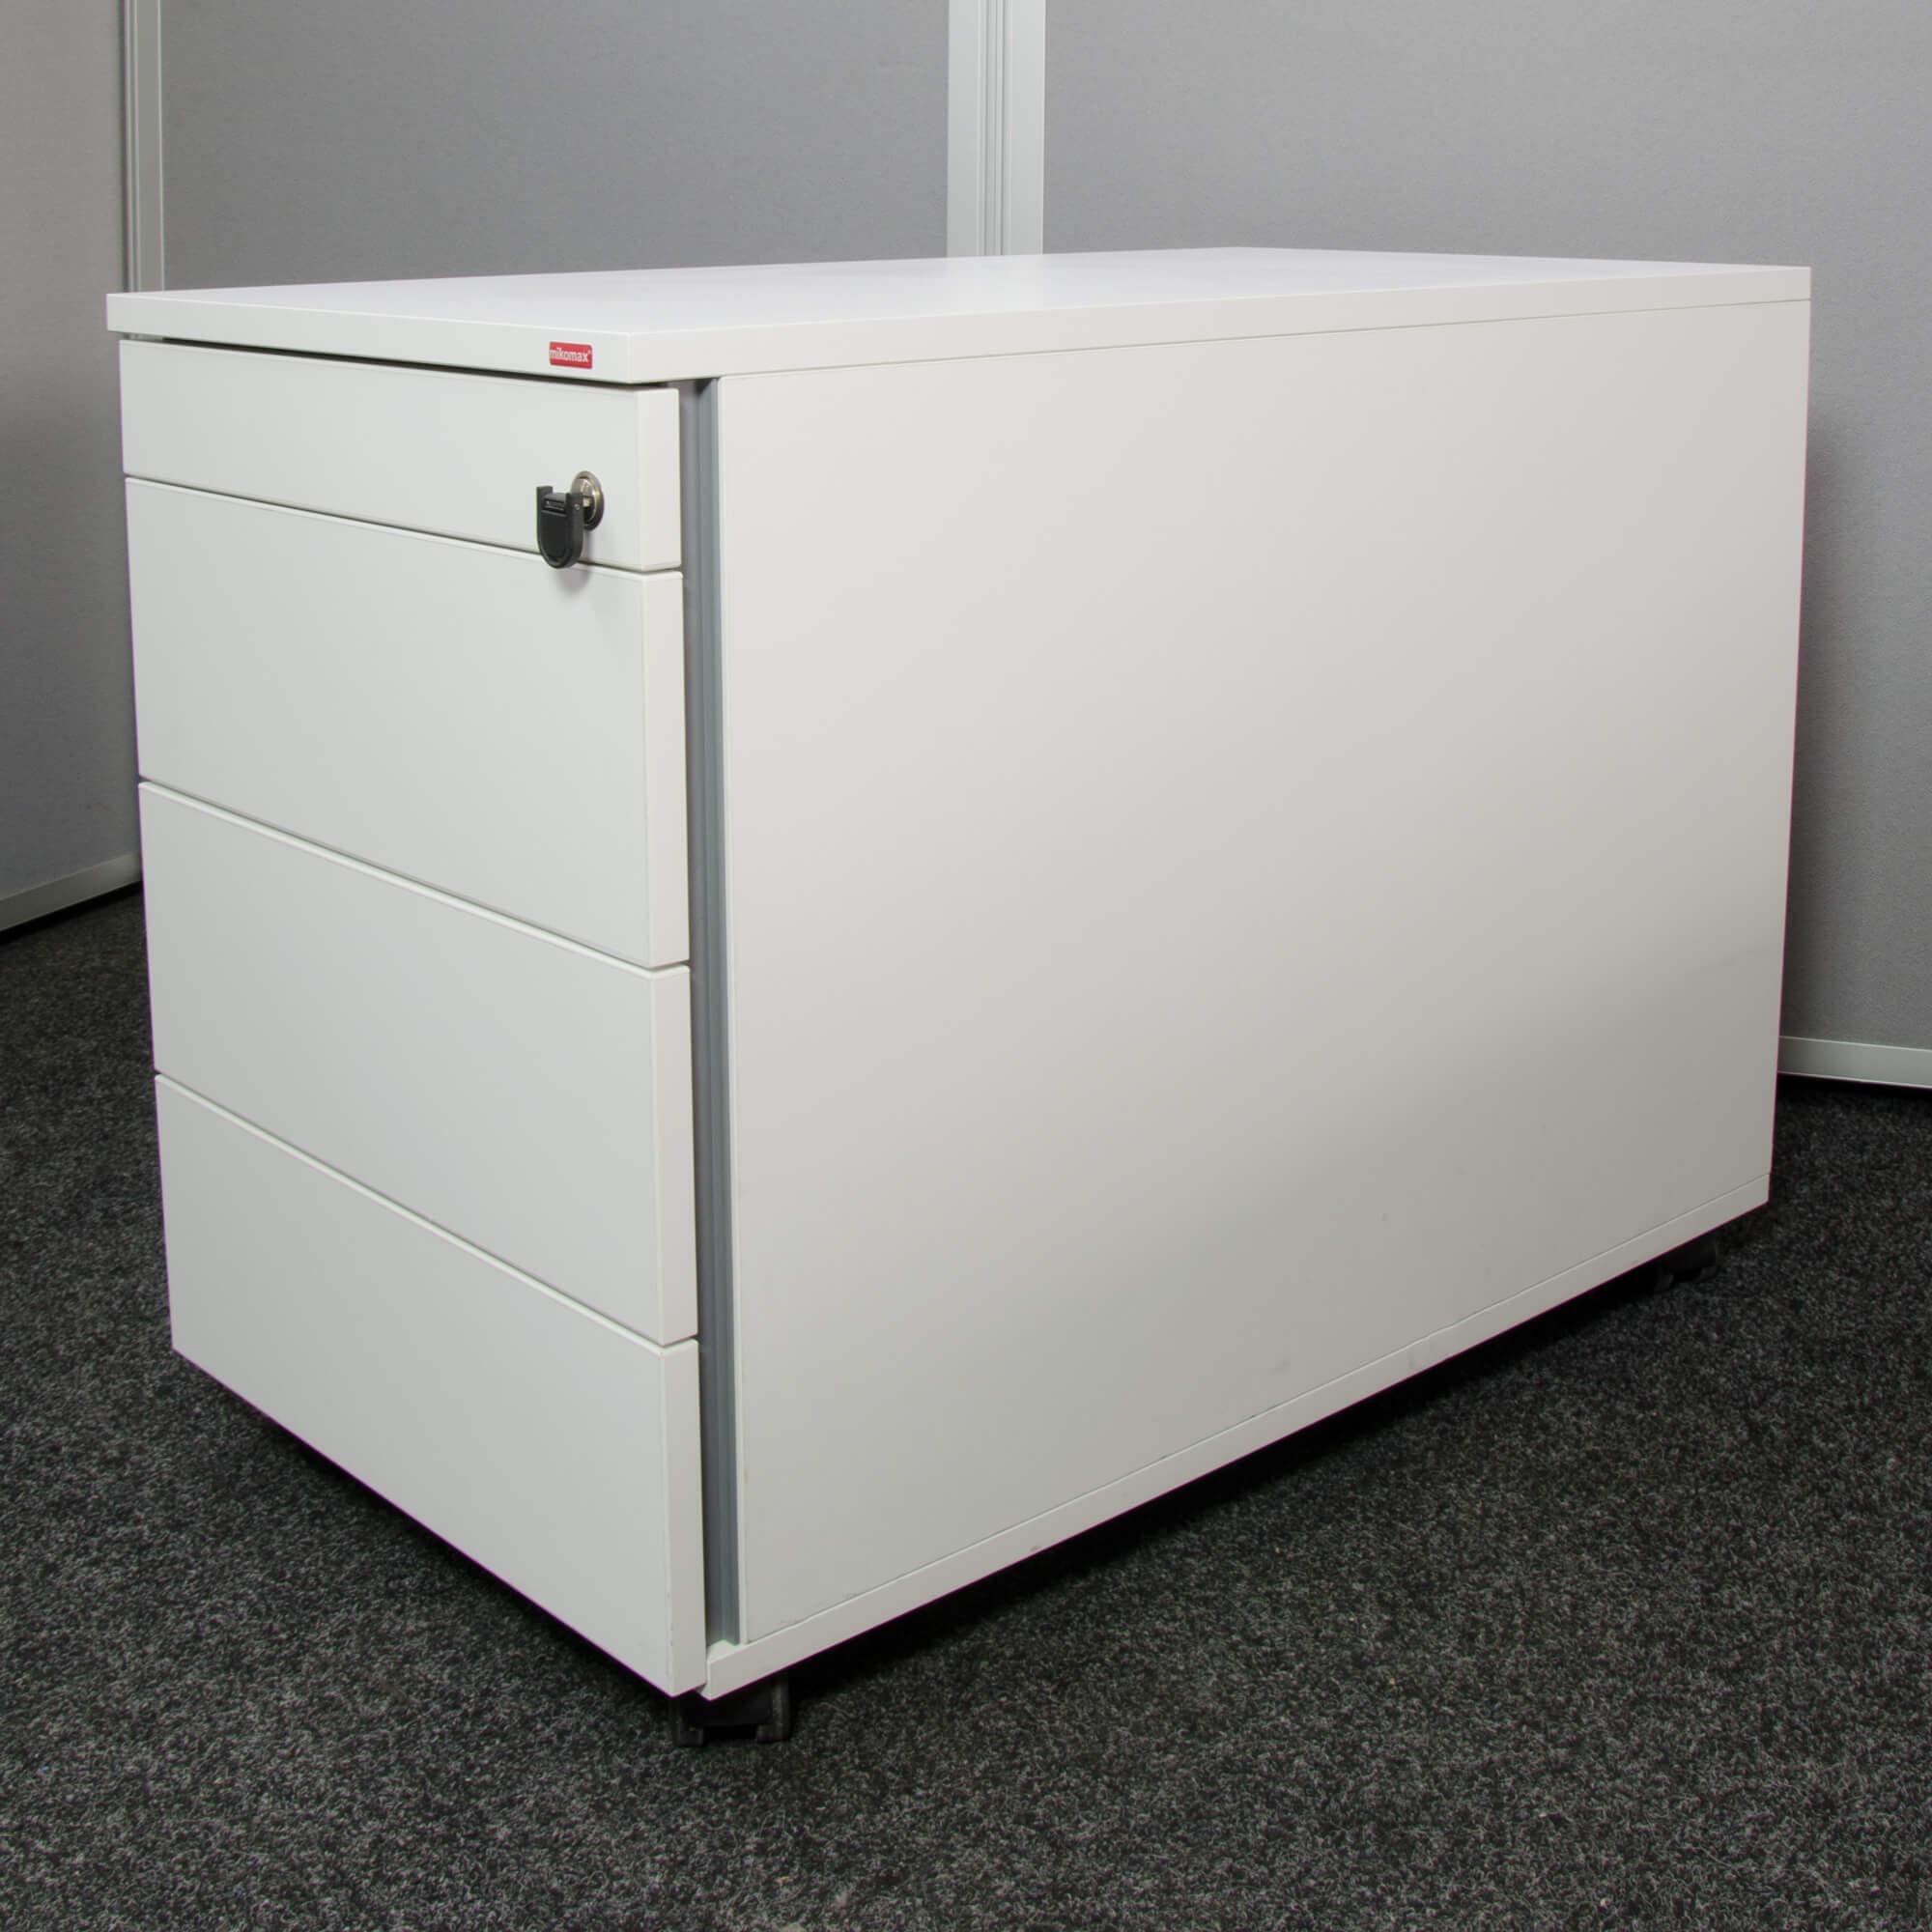 mikomax rollcontainer 800 mm tief in wei rollschrank b ro container schrank ebay. Black Bedroom Furniture Sets. Home Design Ideas